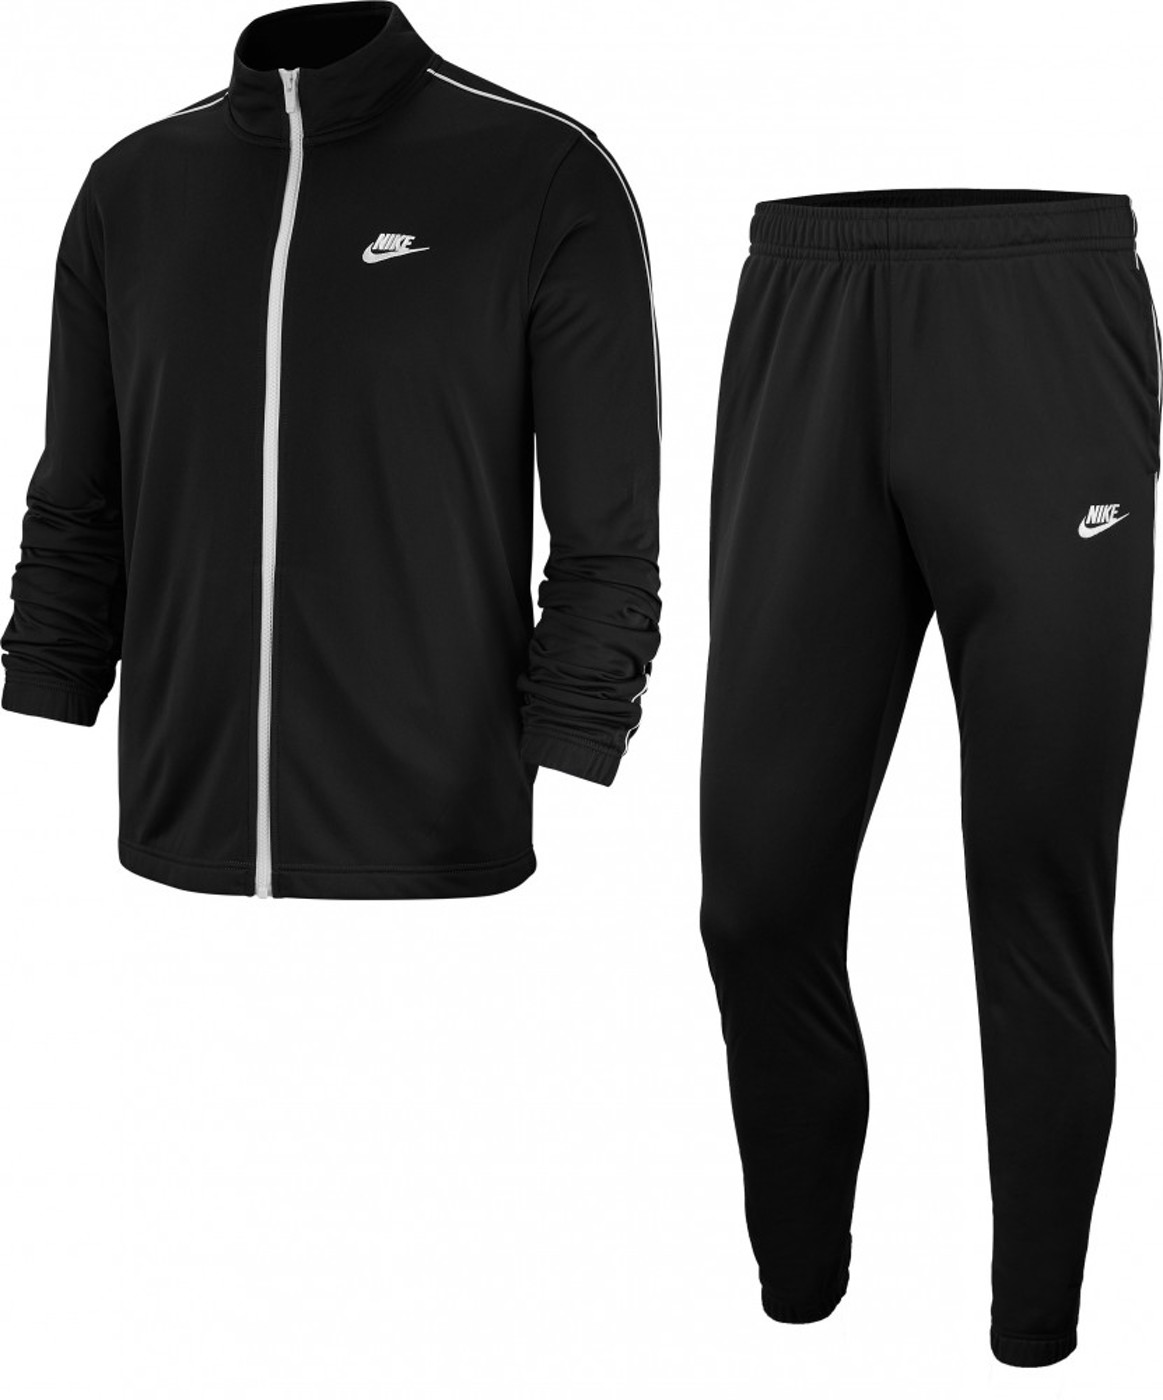 Nike Sportswear Tracksui - Herren